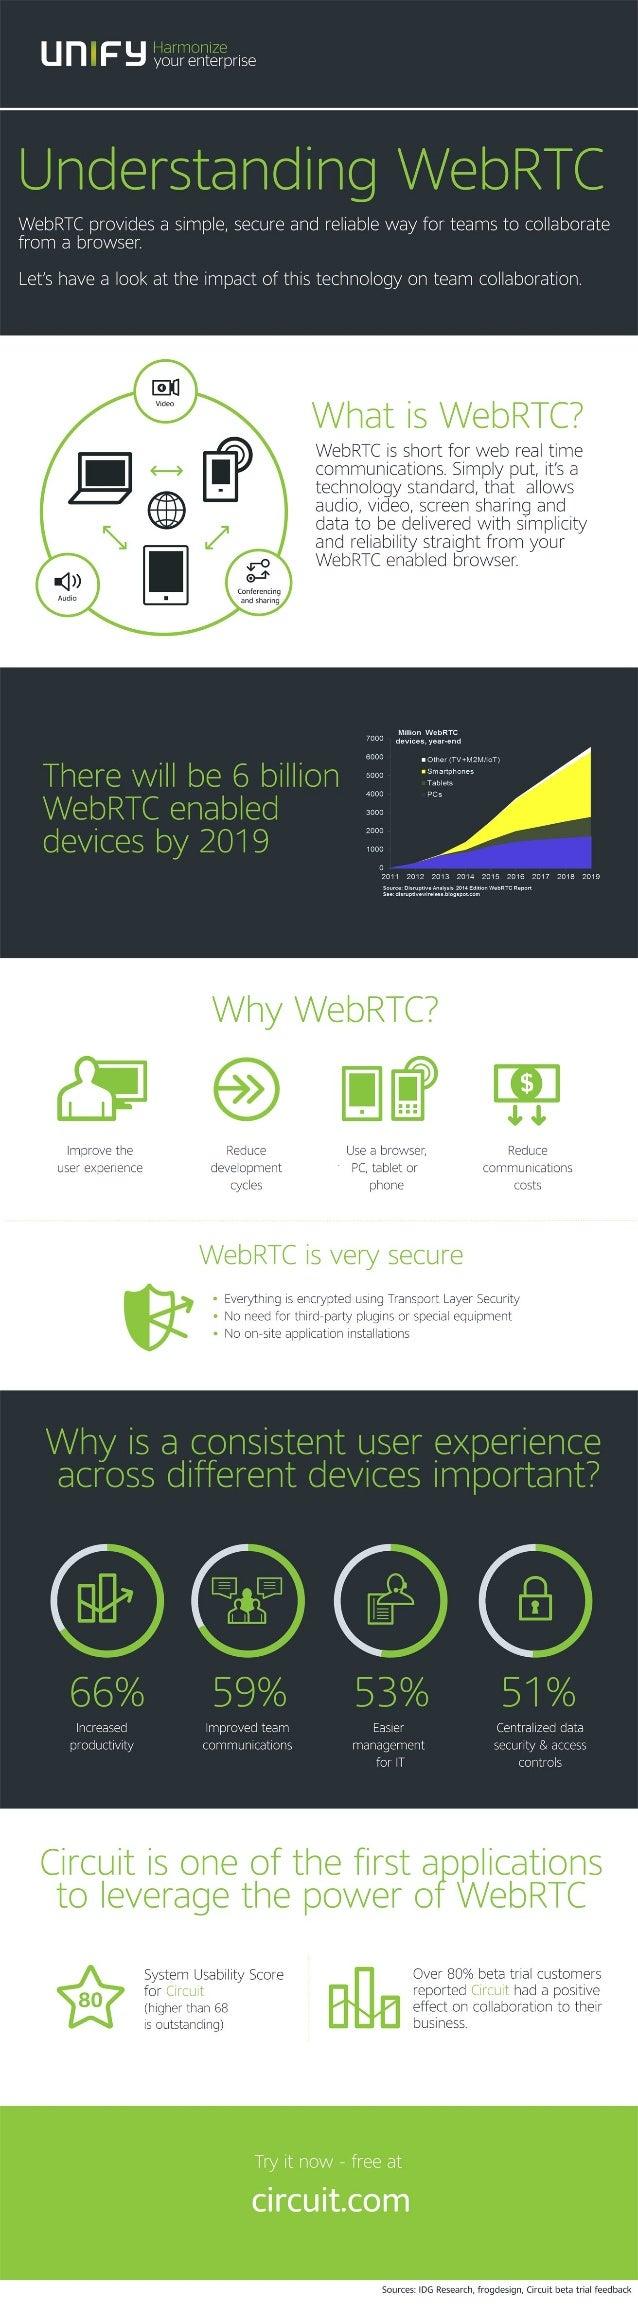 Understanding WebRTC - Infographic